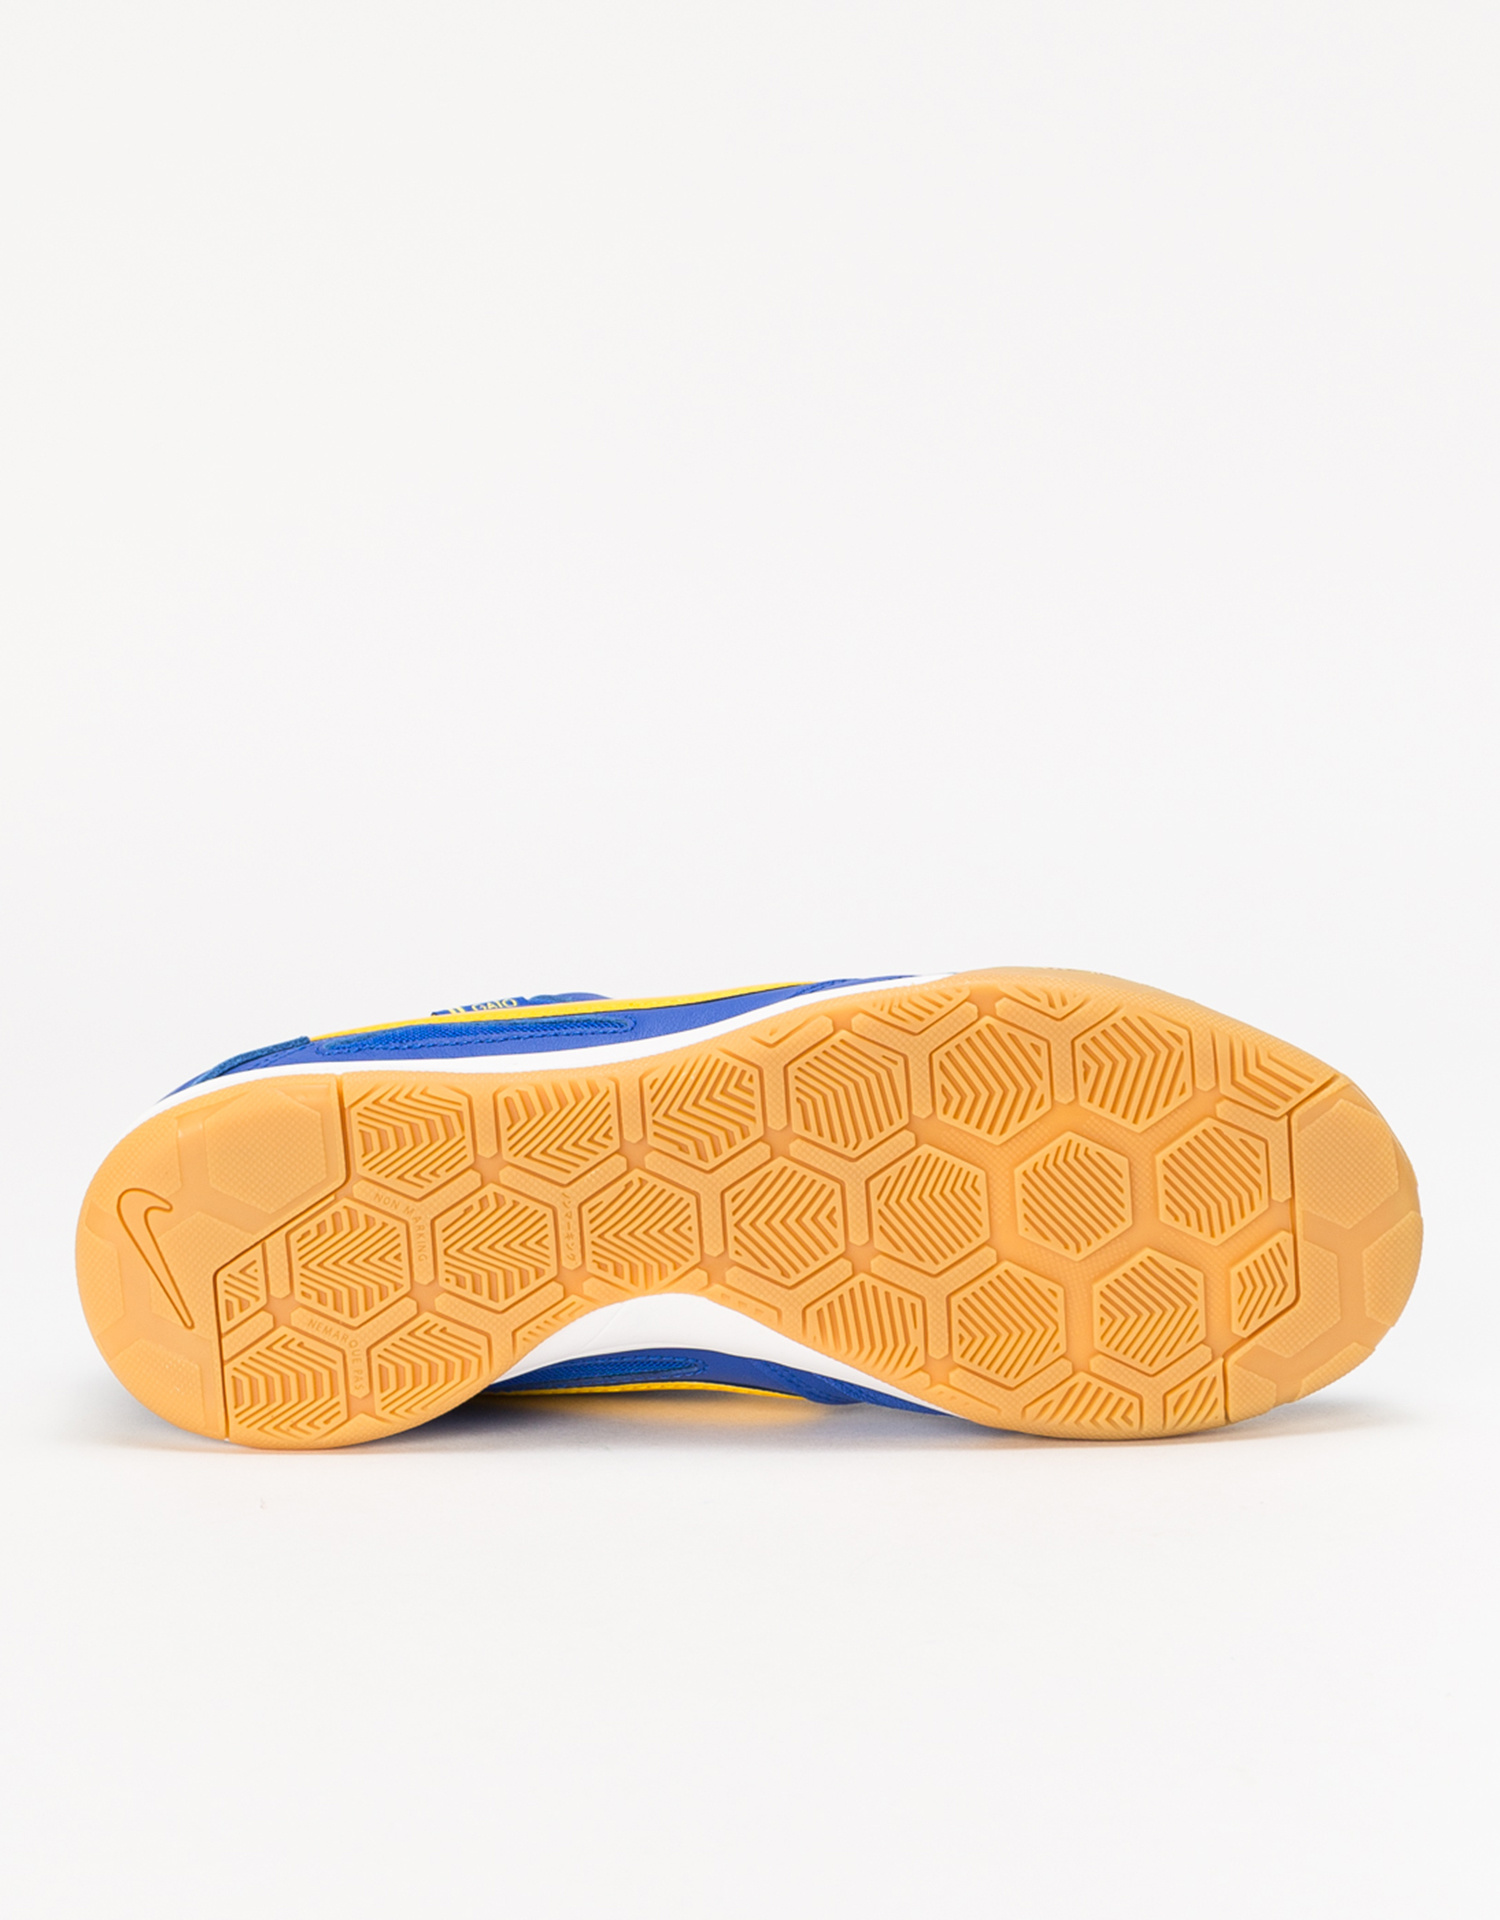 Nike Sb Gato racer blue/amarillo-white